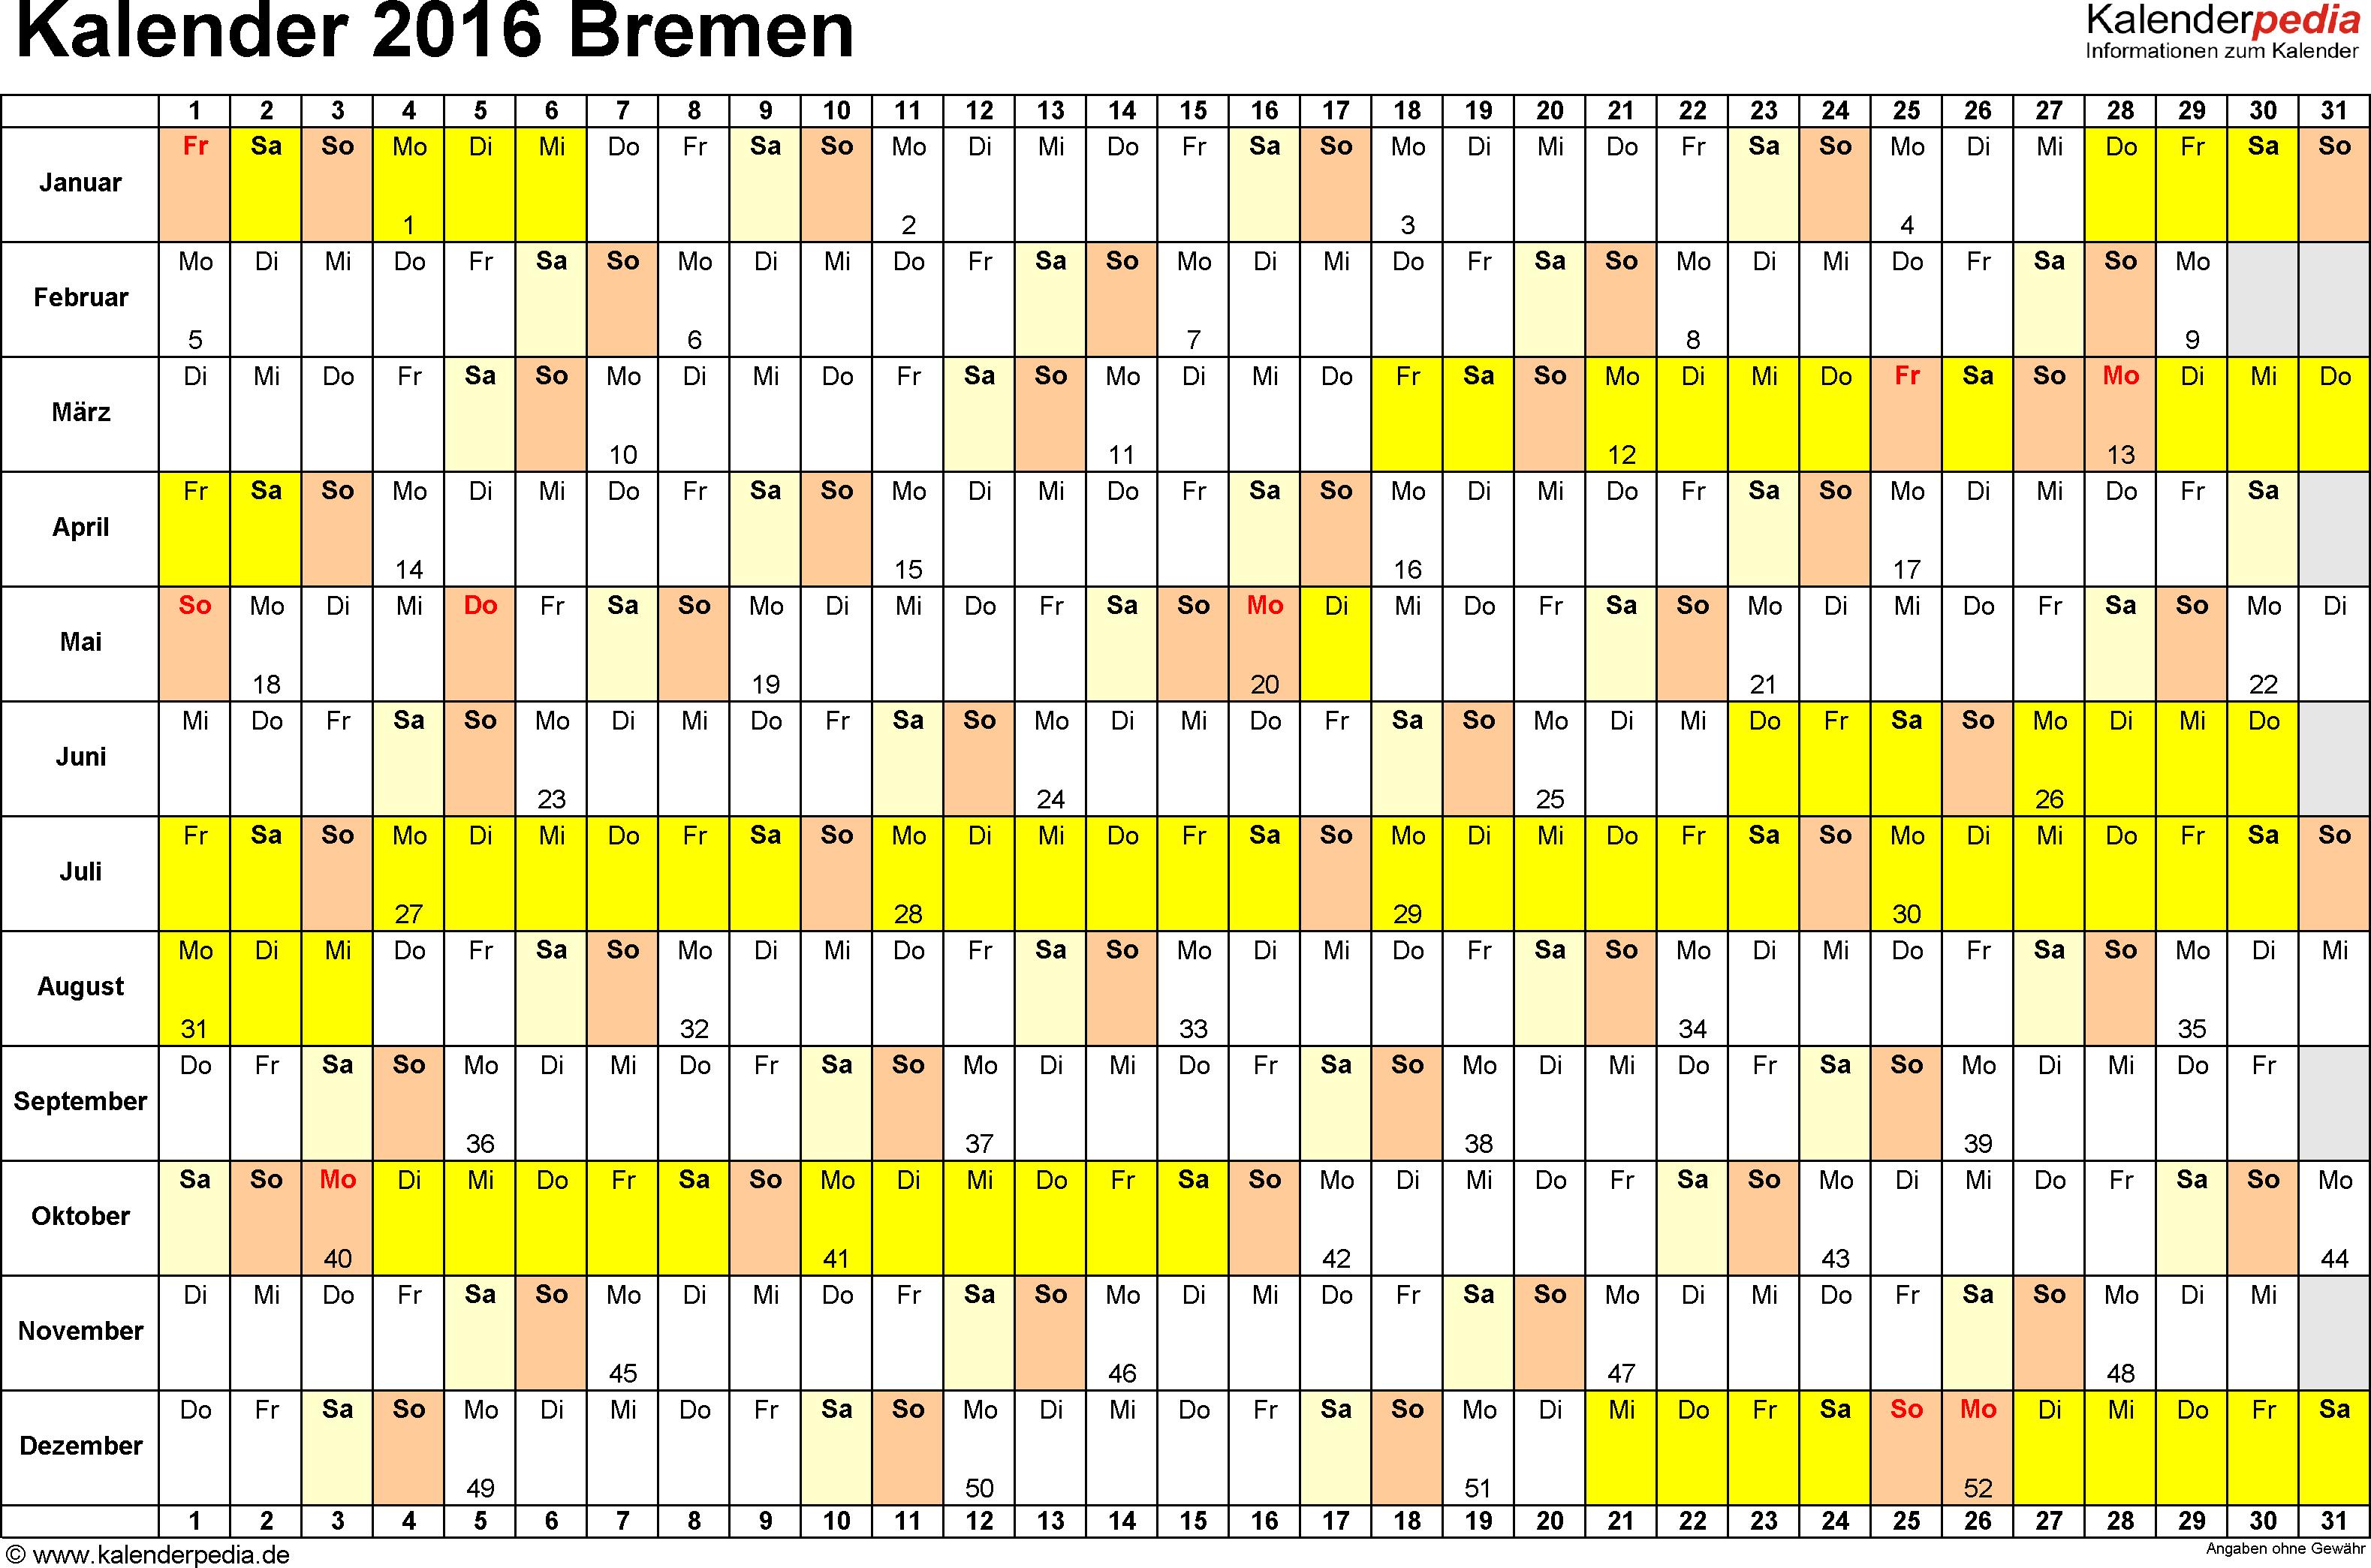 Vorlage 3: Kalender Bremen 2016 im Querformat, Tage nebeneinander